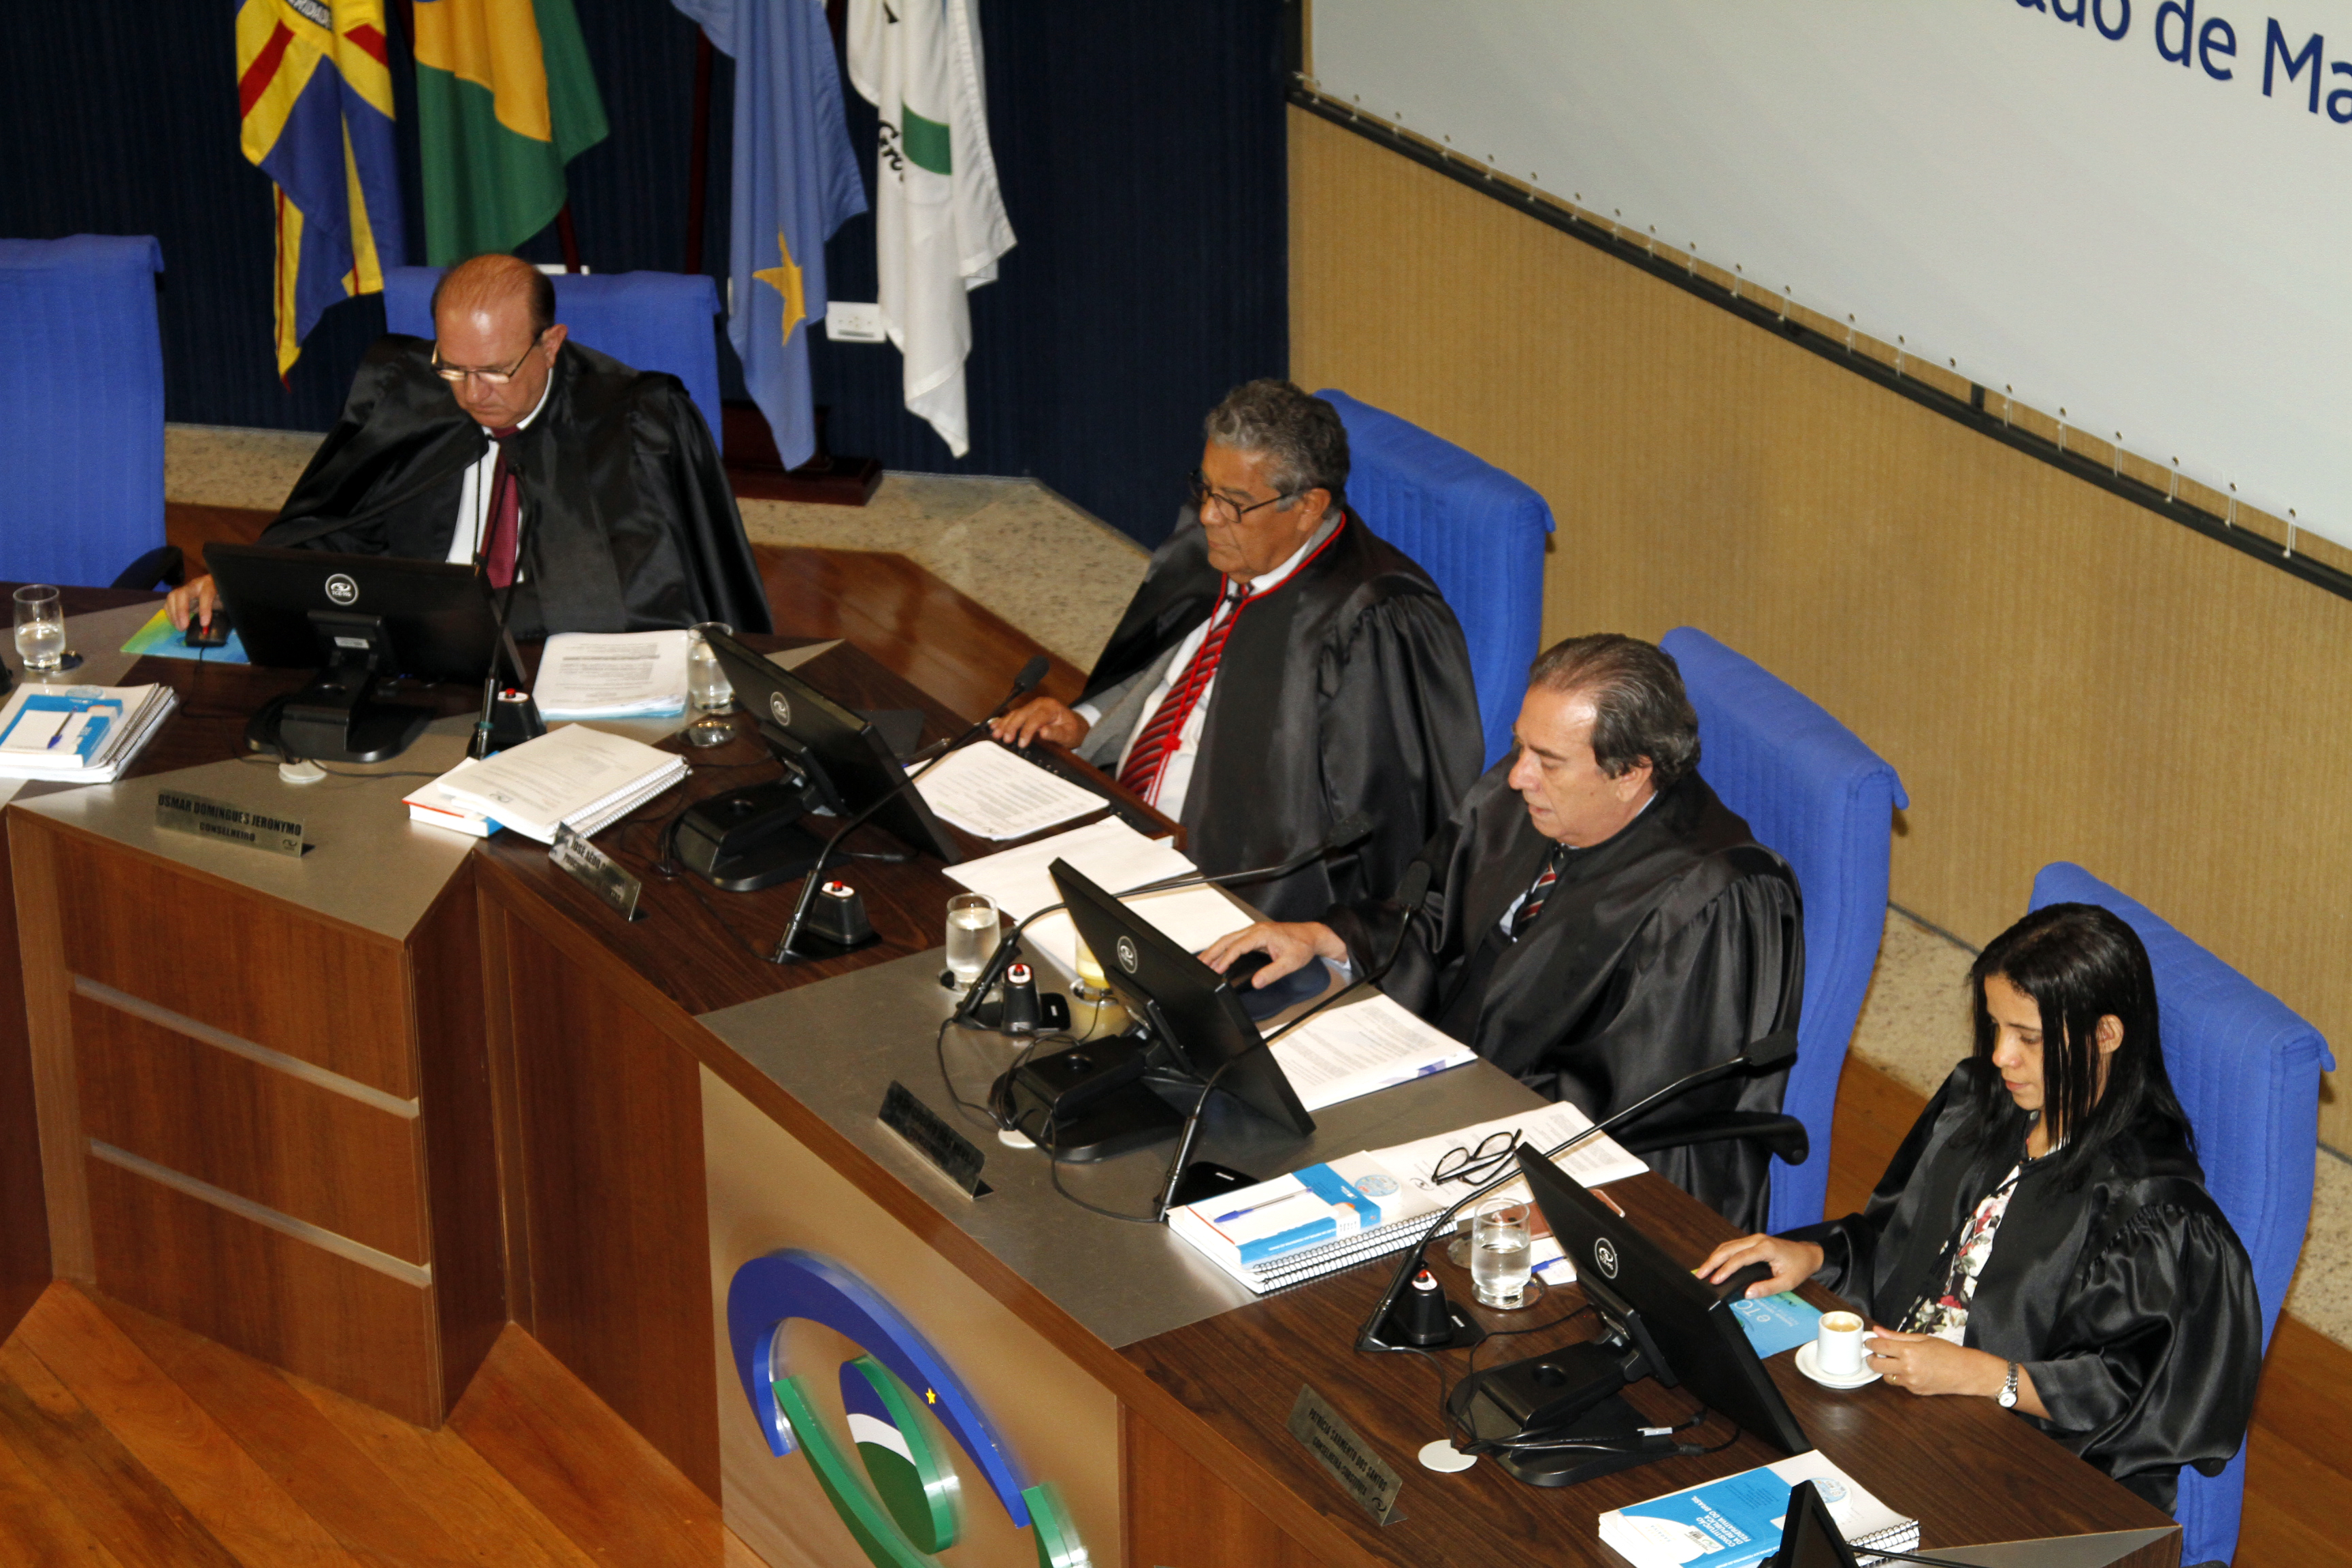 Contrato com a Prefeitura de Taquarussu recebe parecer contrário e procurador recomenda aplicação de multa